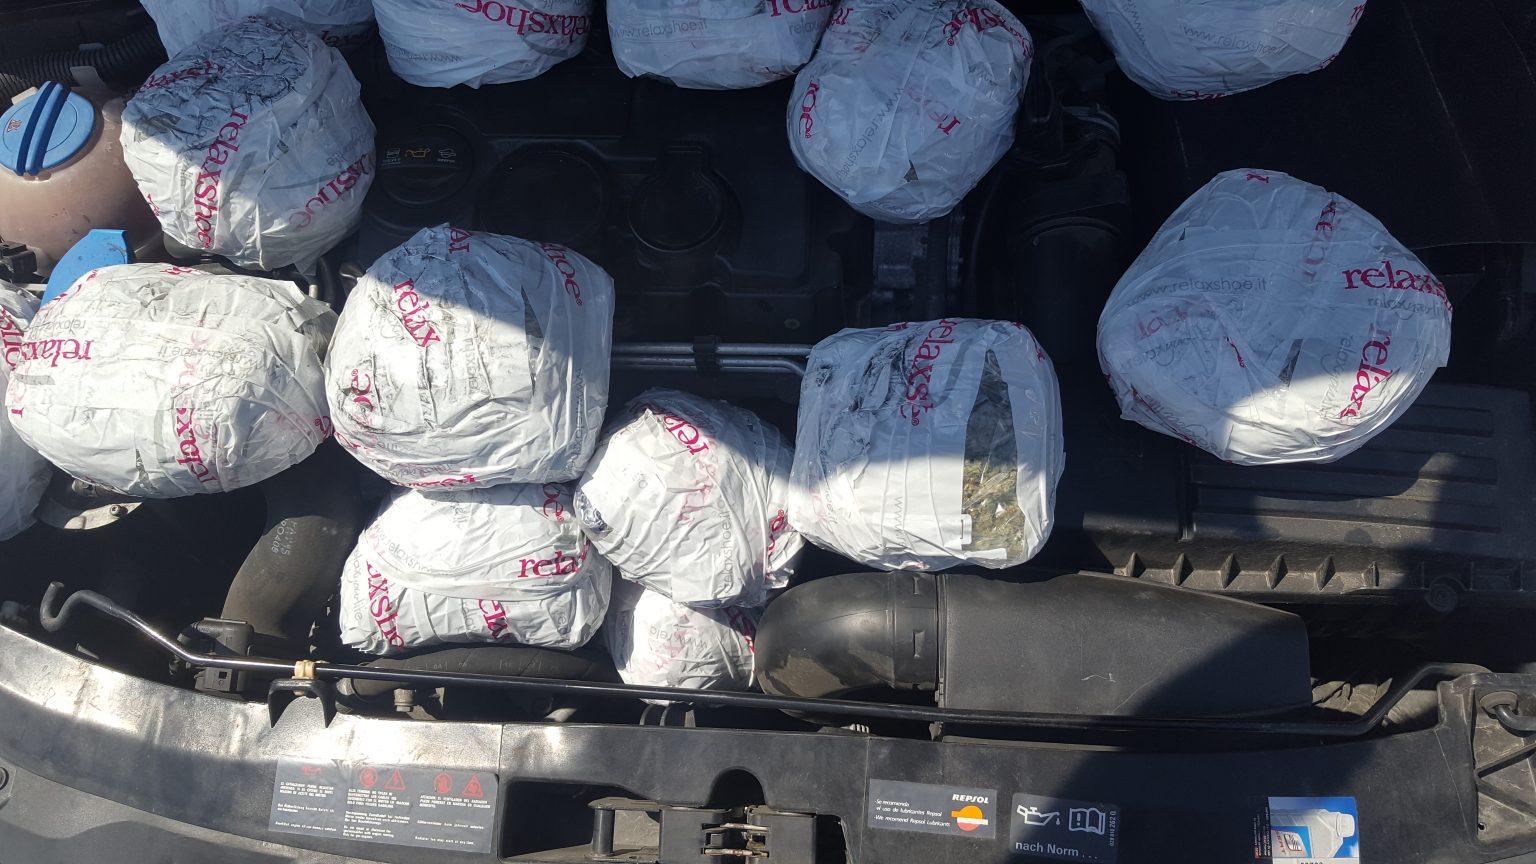 U kap me 6 kg drogë në motorin e makinës nga Shqipëria në Kosovë, arrestohet 54 vjeçari